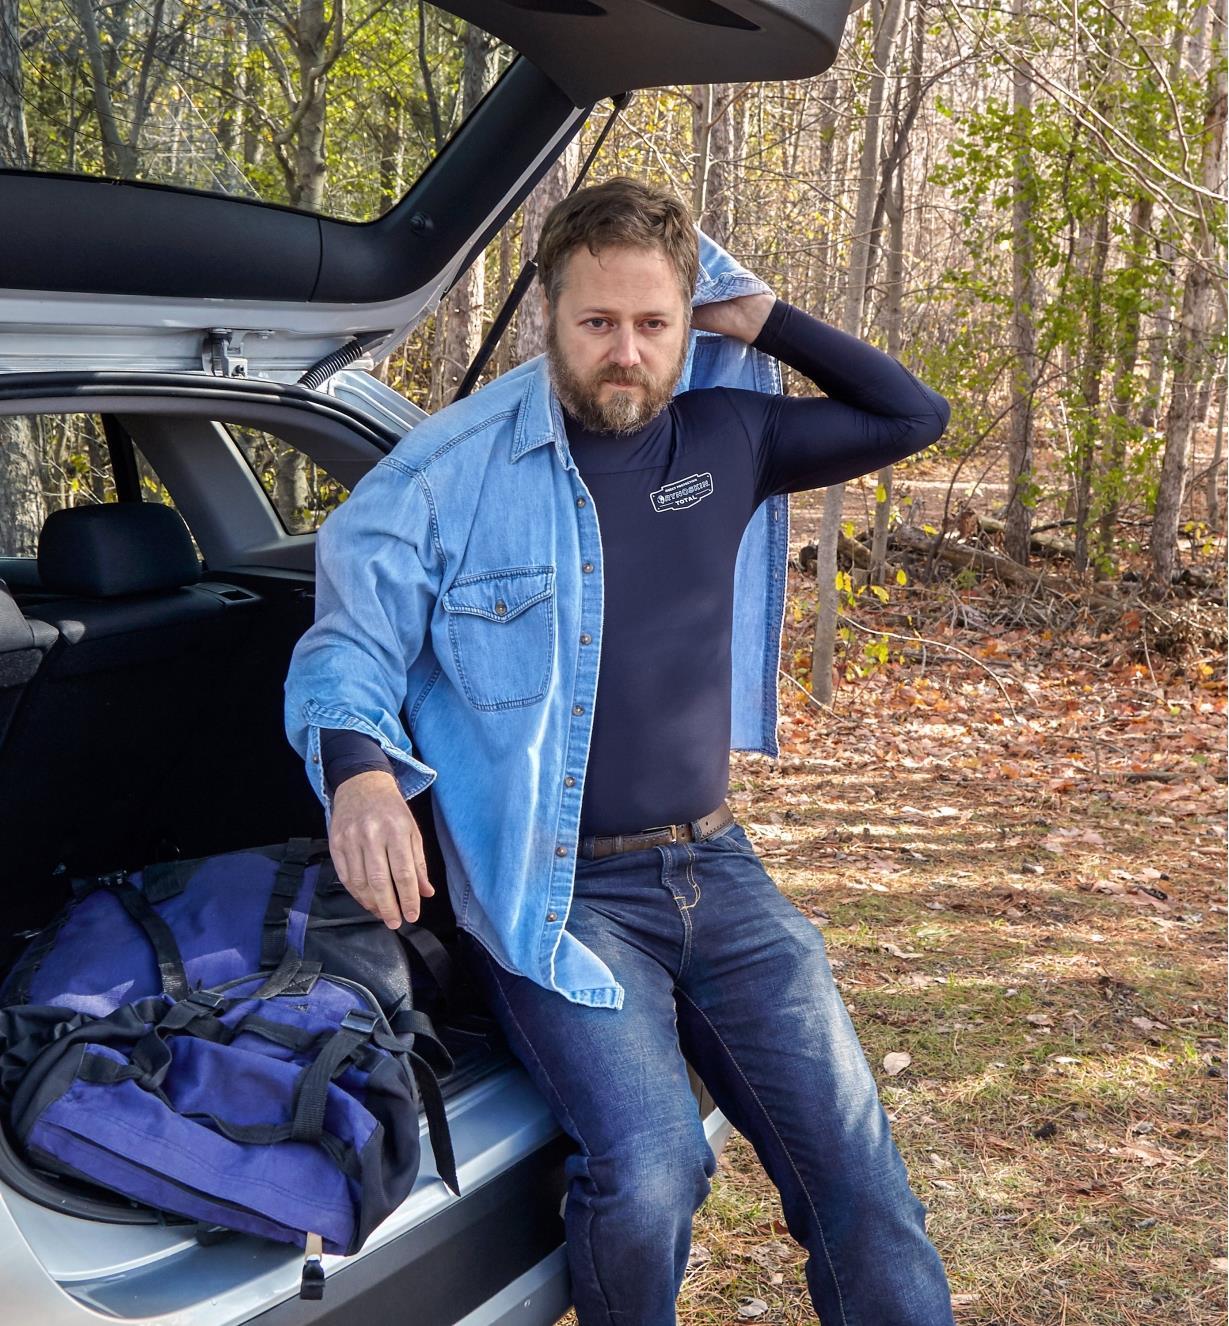 Man putting on a regular shirt over a Rynoskin shirt